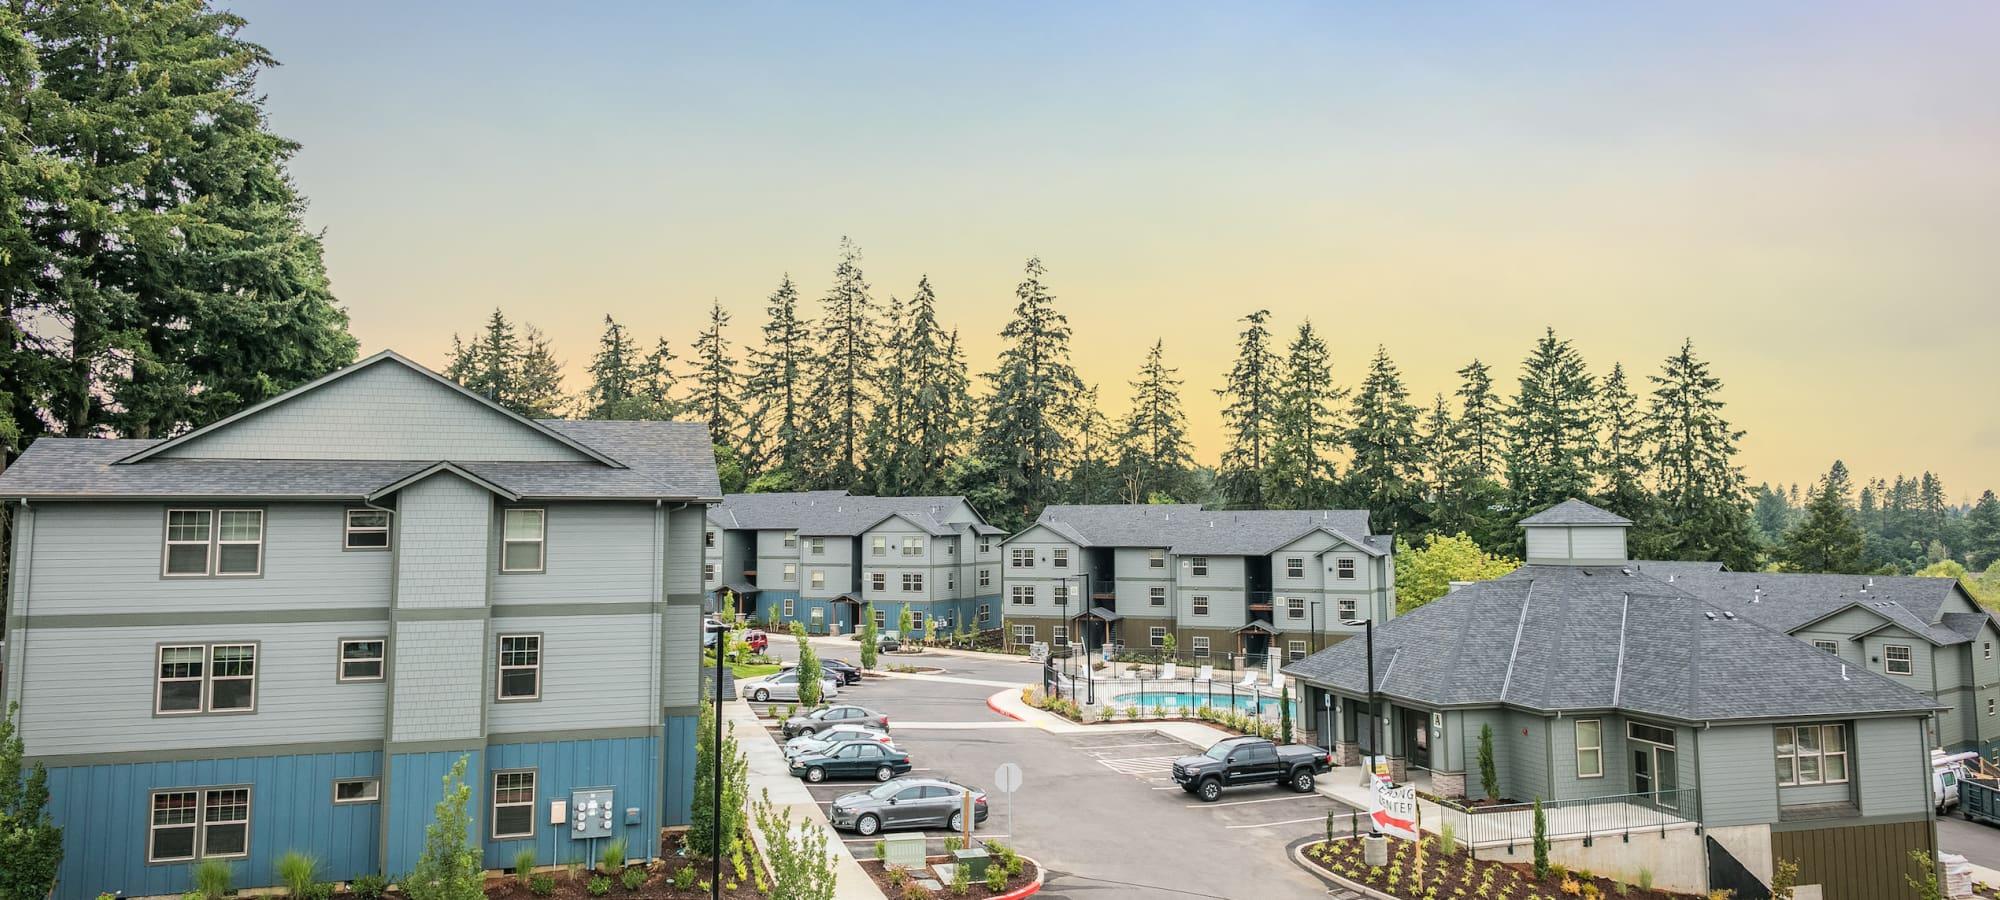 River Ridge Apartments in Tualatin, Oregon